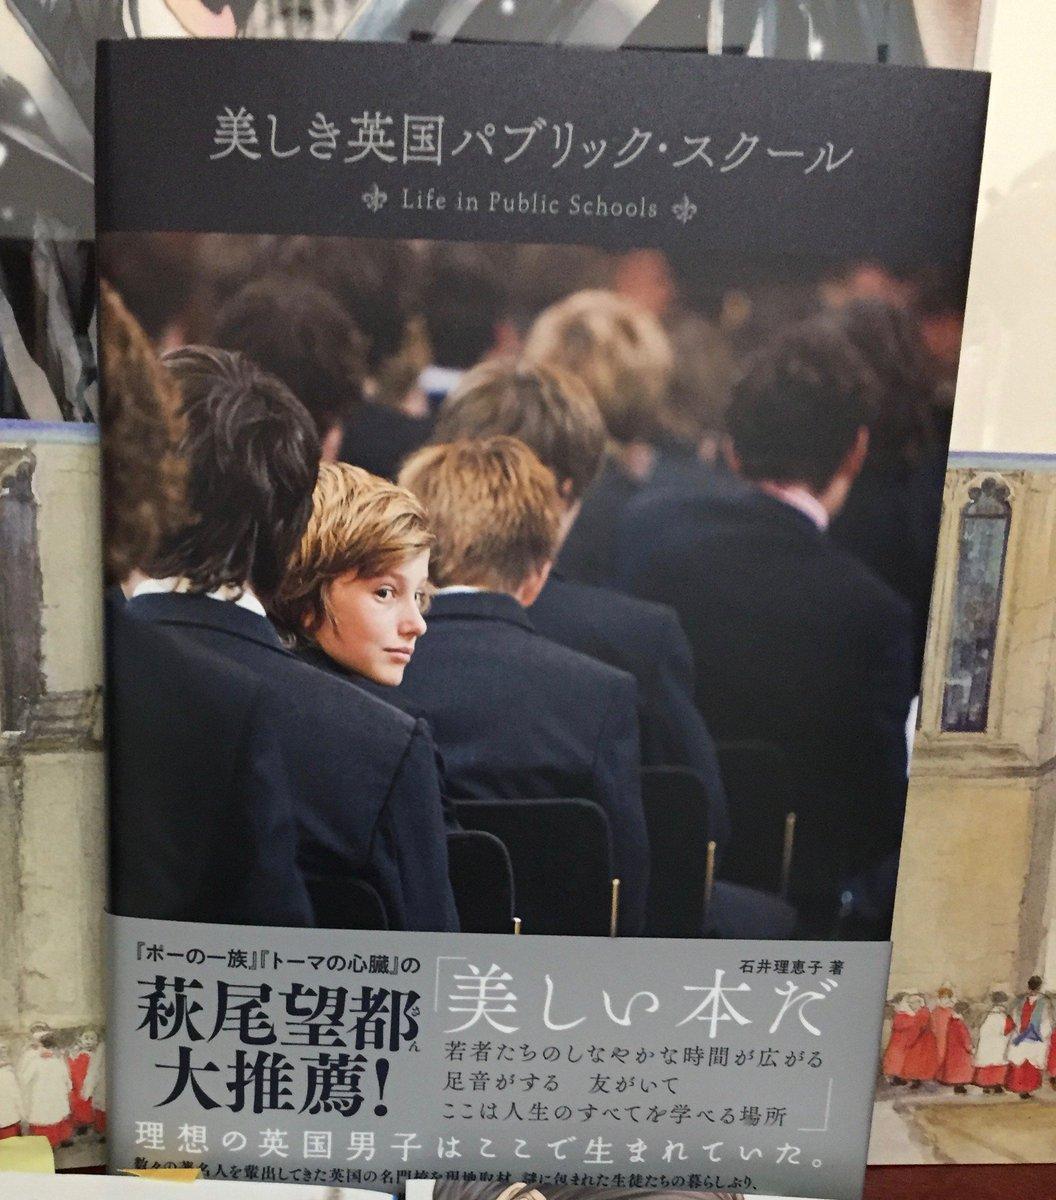 石井理恵子先生から御恵贈いただきました!「美しき英国パブリック・スクール」断言します。今までに出た本の中で、現代パブリックスクール事情を、最も詳しく、最も美しく、最も正しく!伝えてくれる本です。みんな買っちゃおう!2冊あるといいよ! https://t.co/22RdsZFPVf